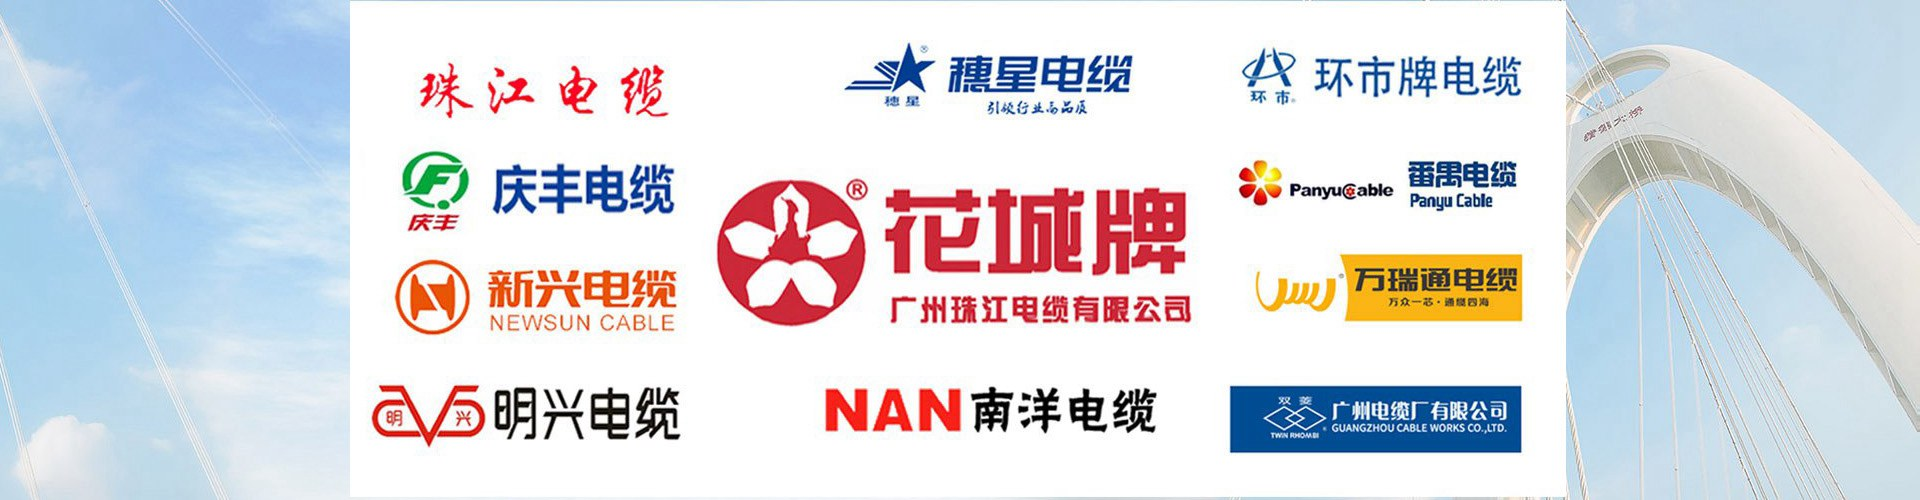 亿彩app电缆广告